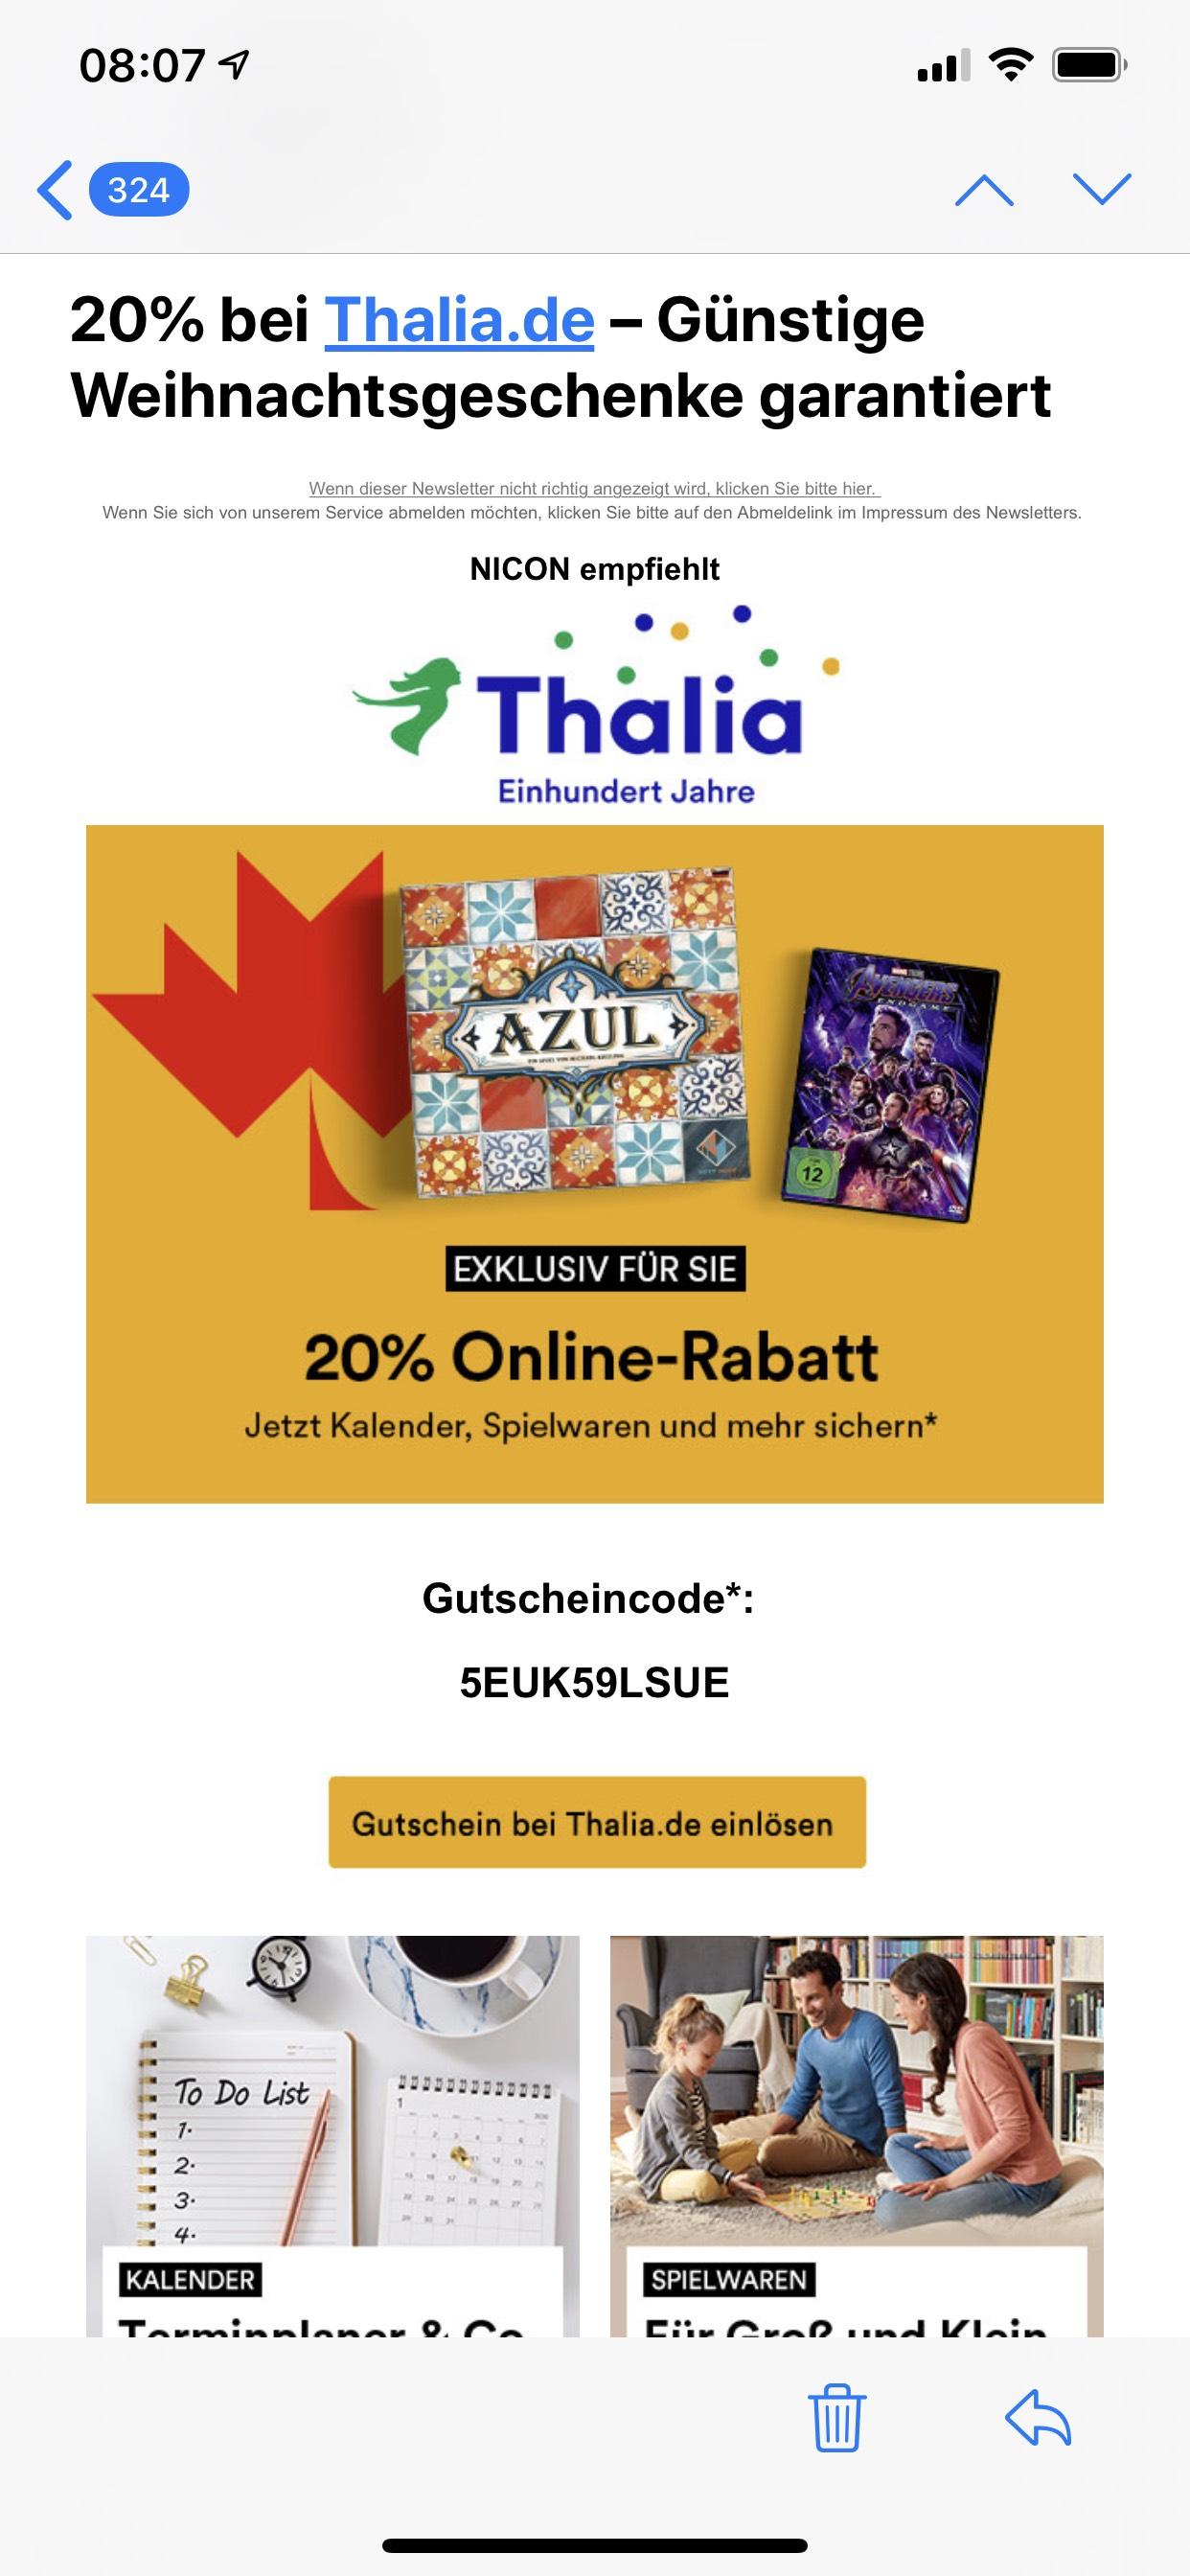 20% bei Thalia.de auf Kalender, Spielwaren, Filme und Hörbücher